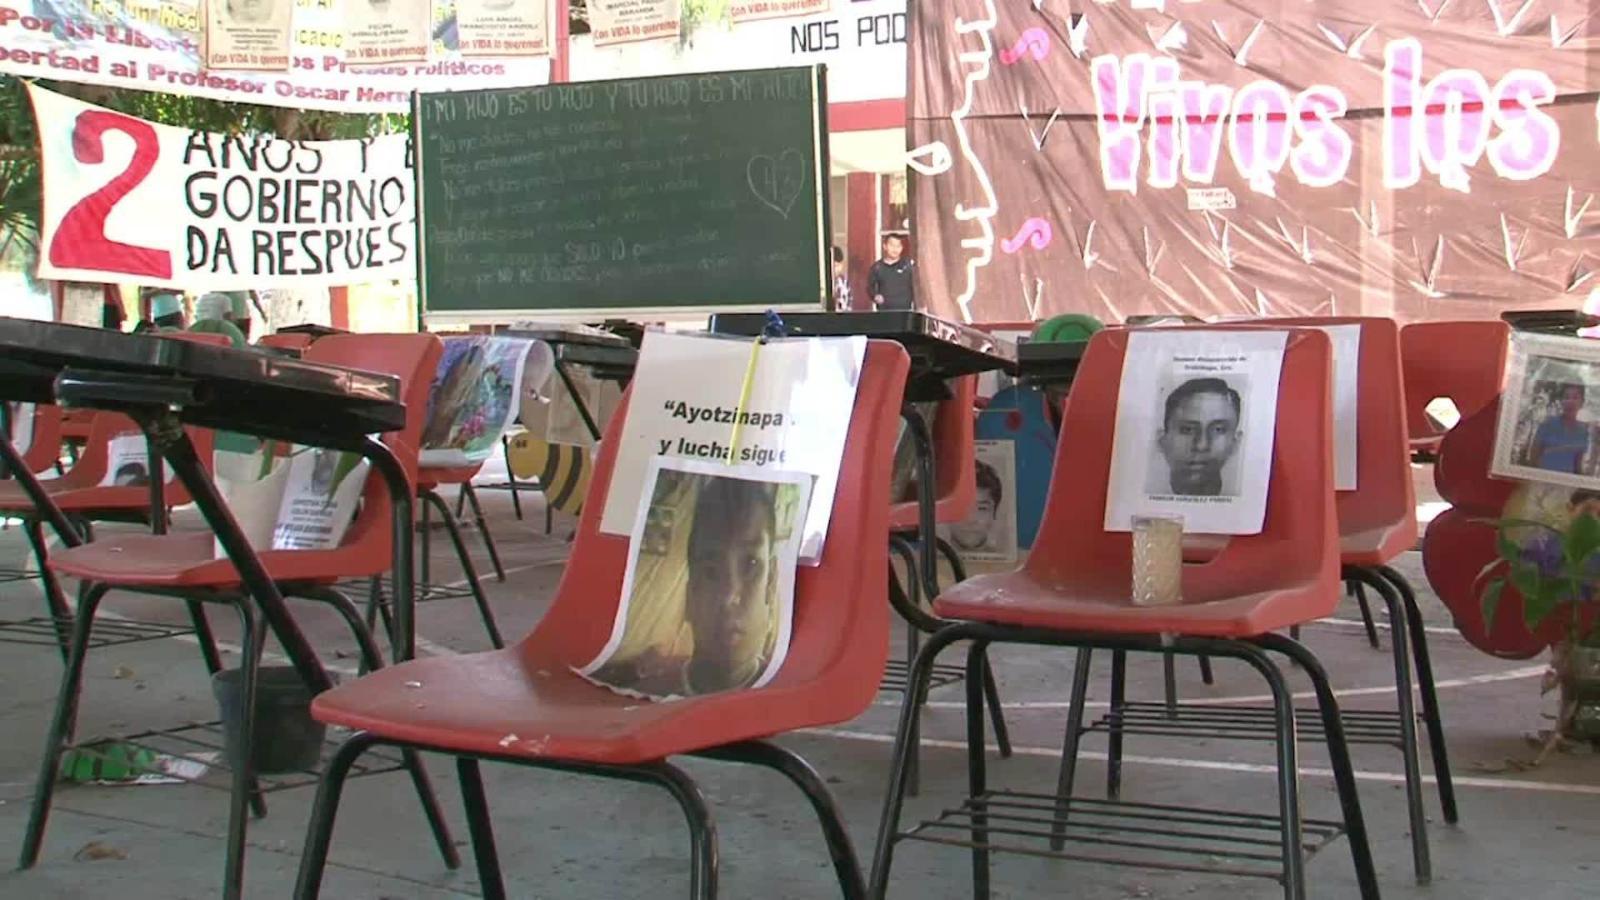 Ayotzinapa: ¿revictimización?